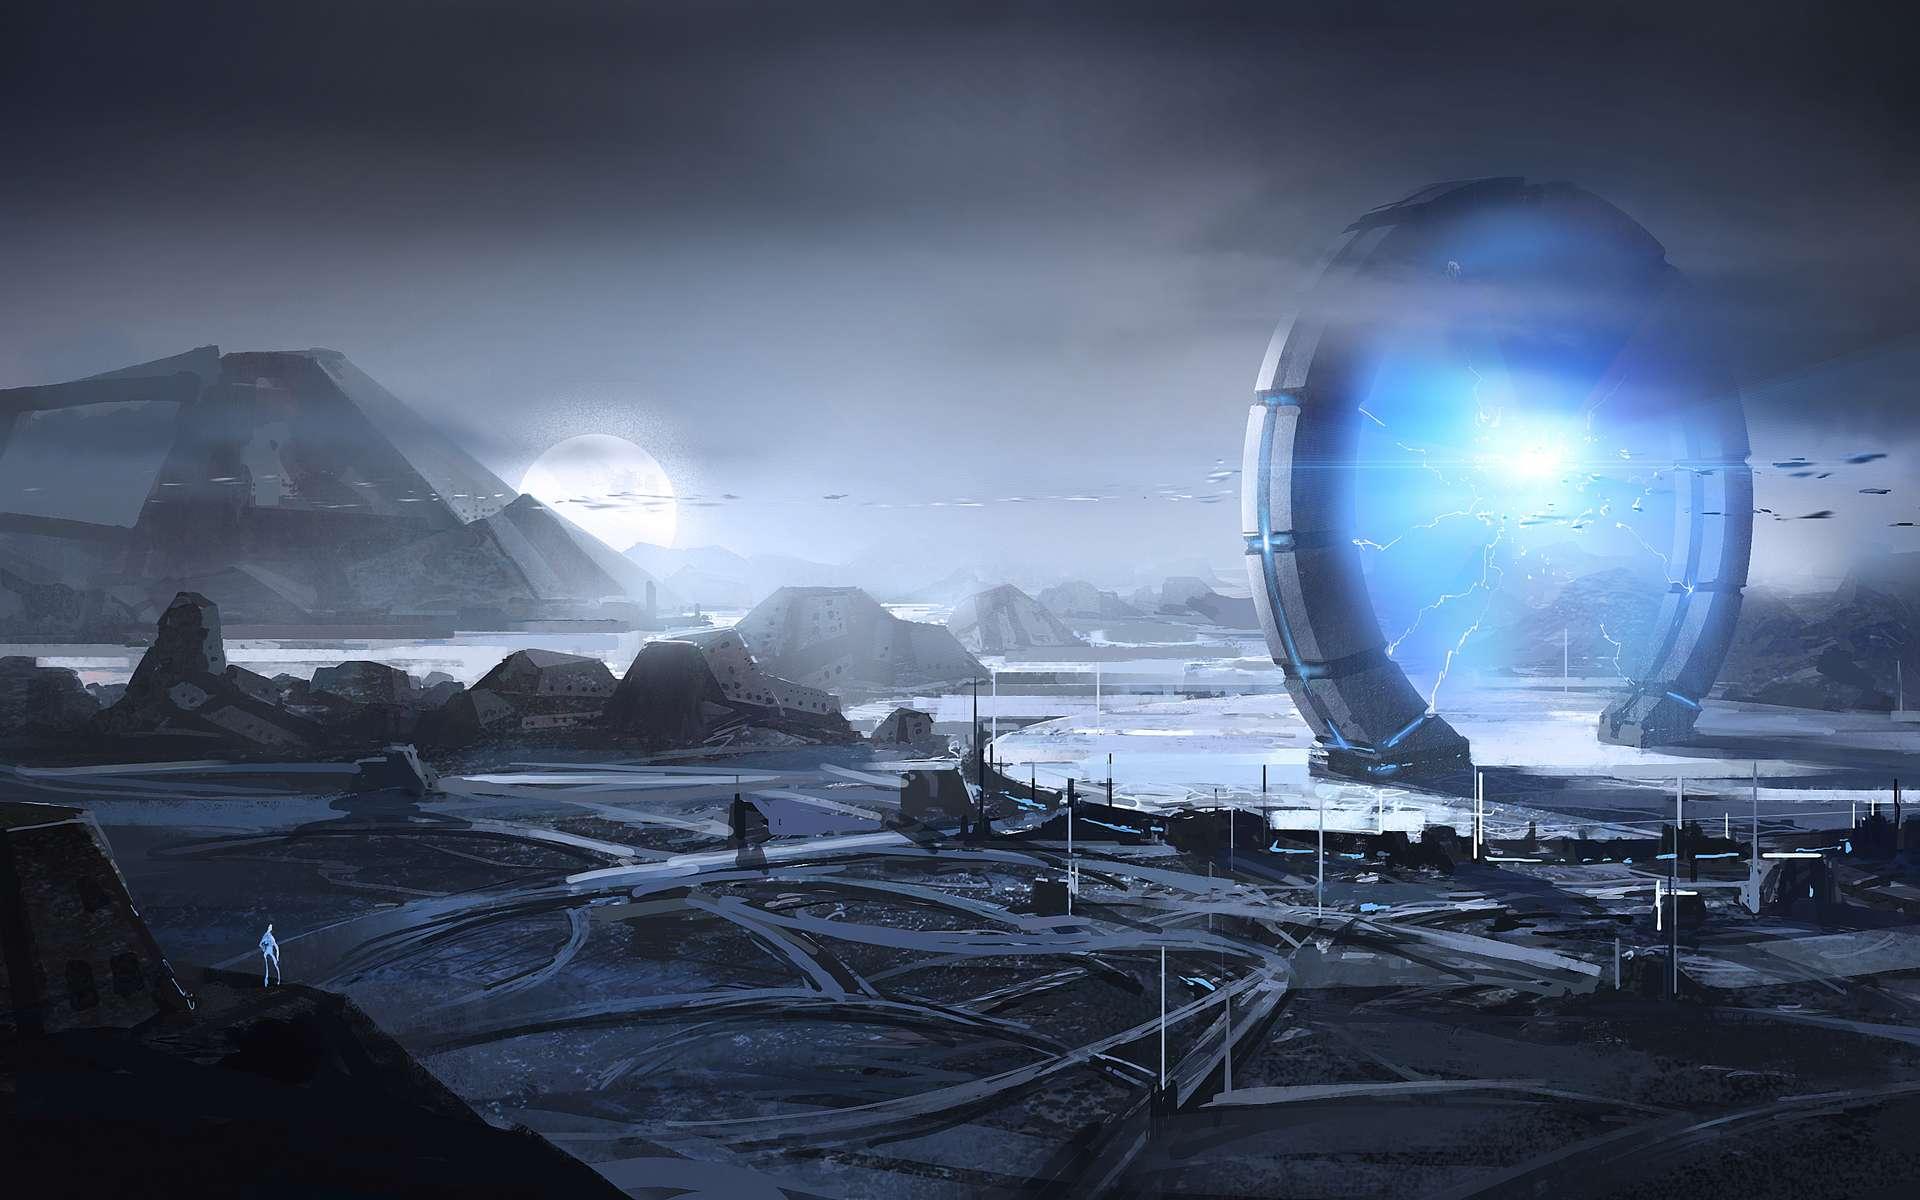 La recherche d'extraterrestres « est bien plus crédible qu'auparavant ». © liuzishan, Adobe Stock